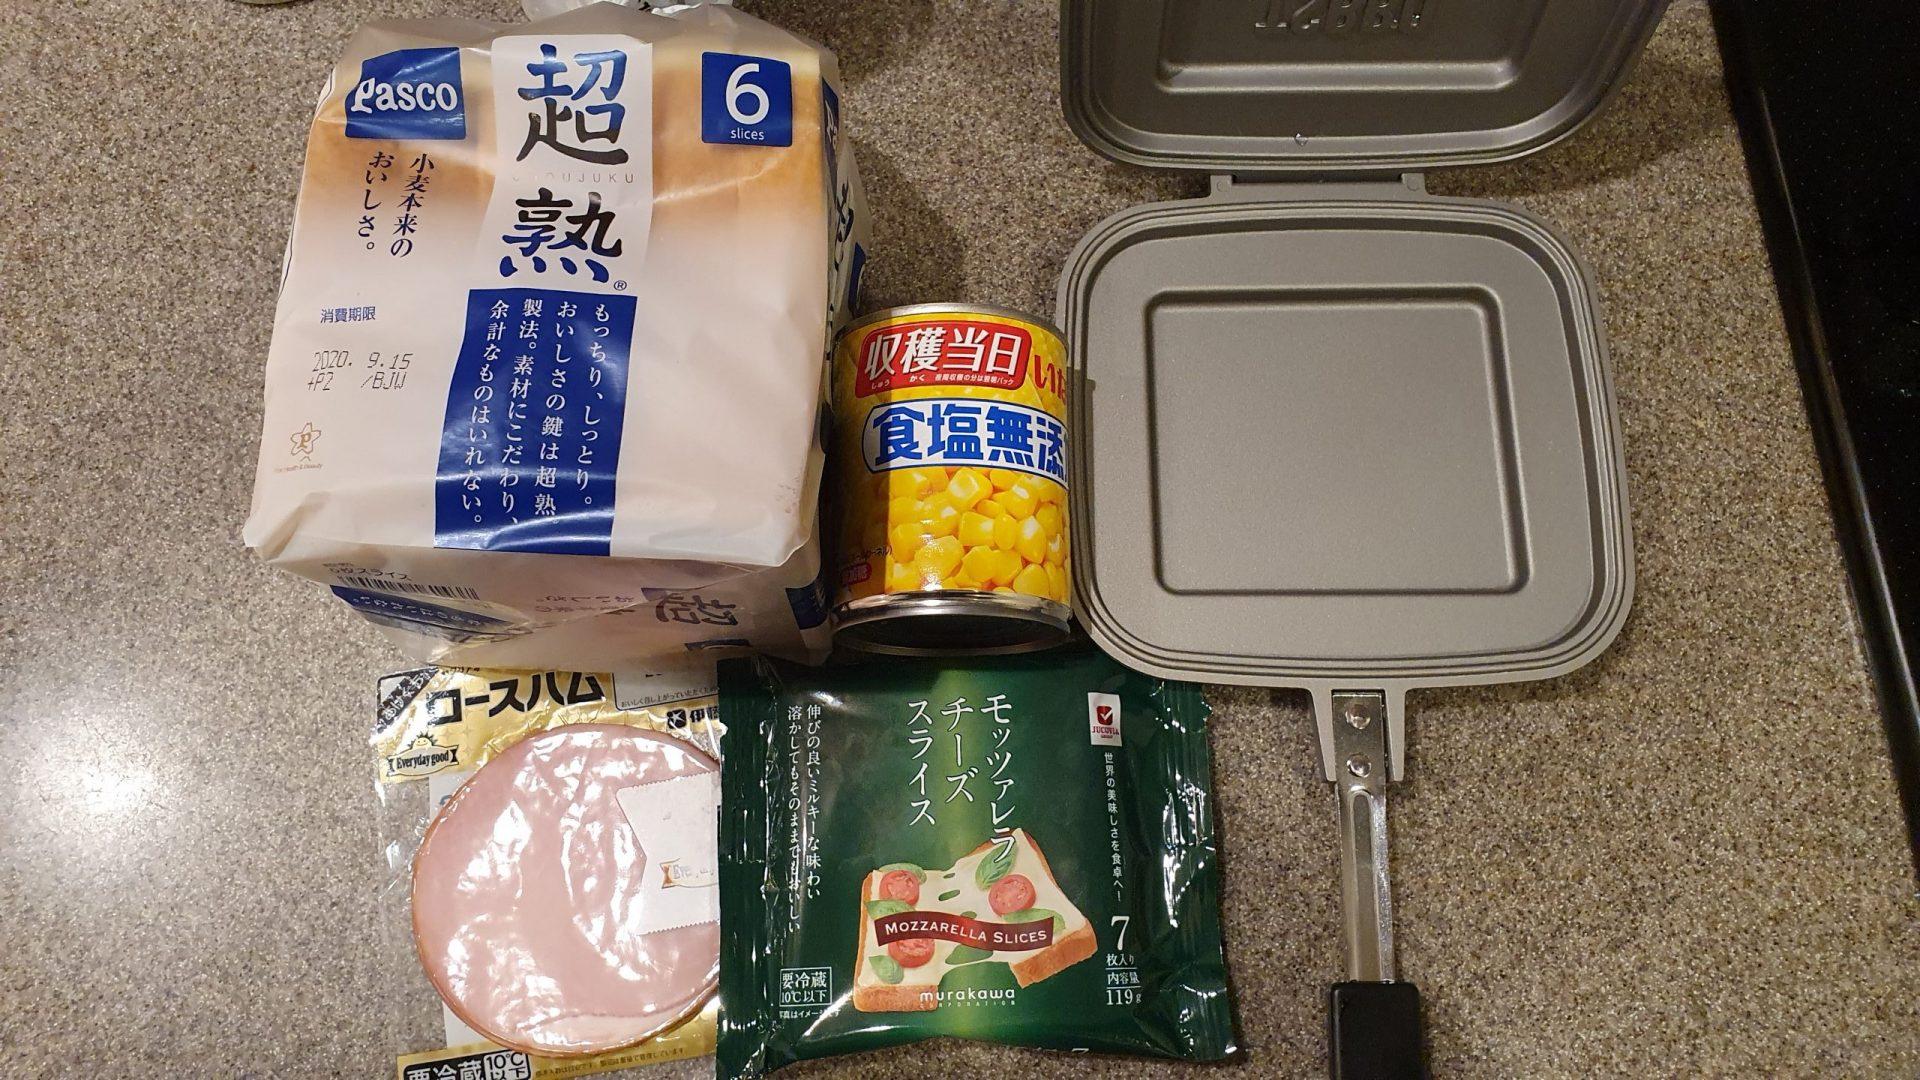 ハムチーズコーンサンド材料